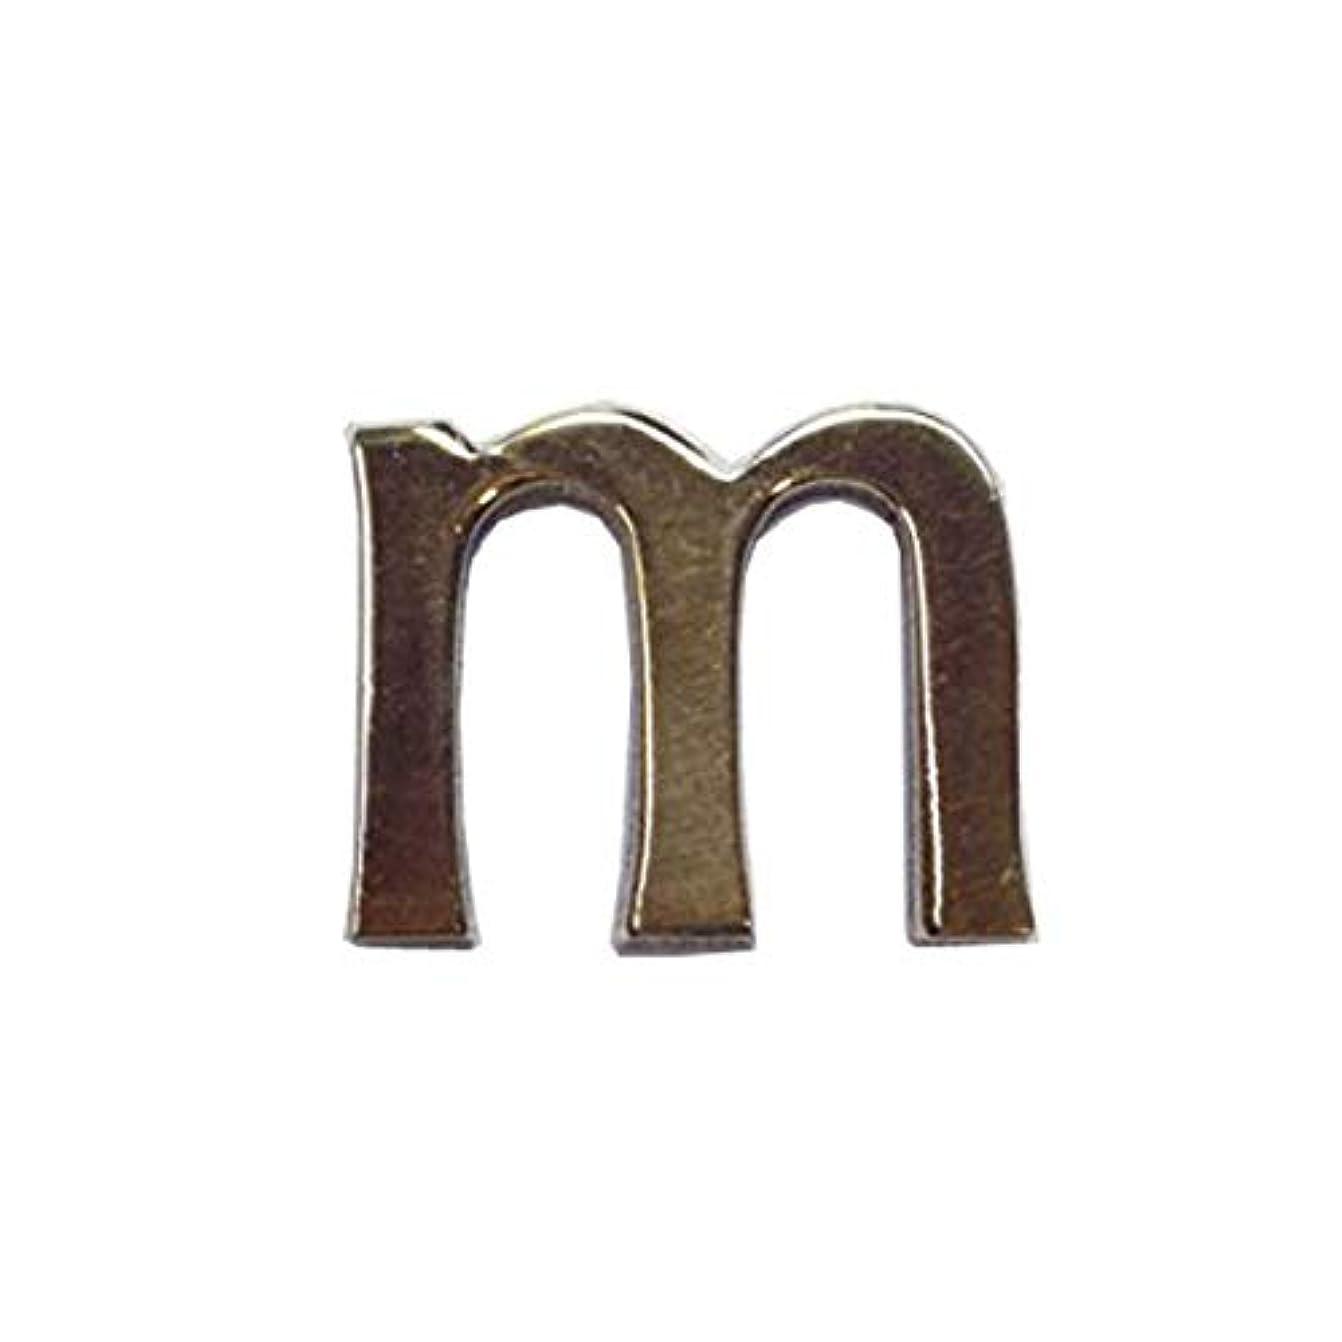 先住民革命エキス真鍮レターゴールド 45mm 小文字m